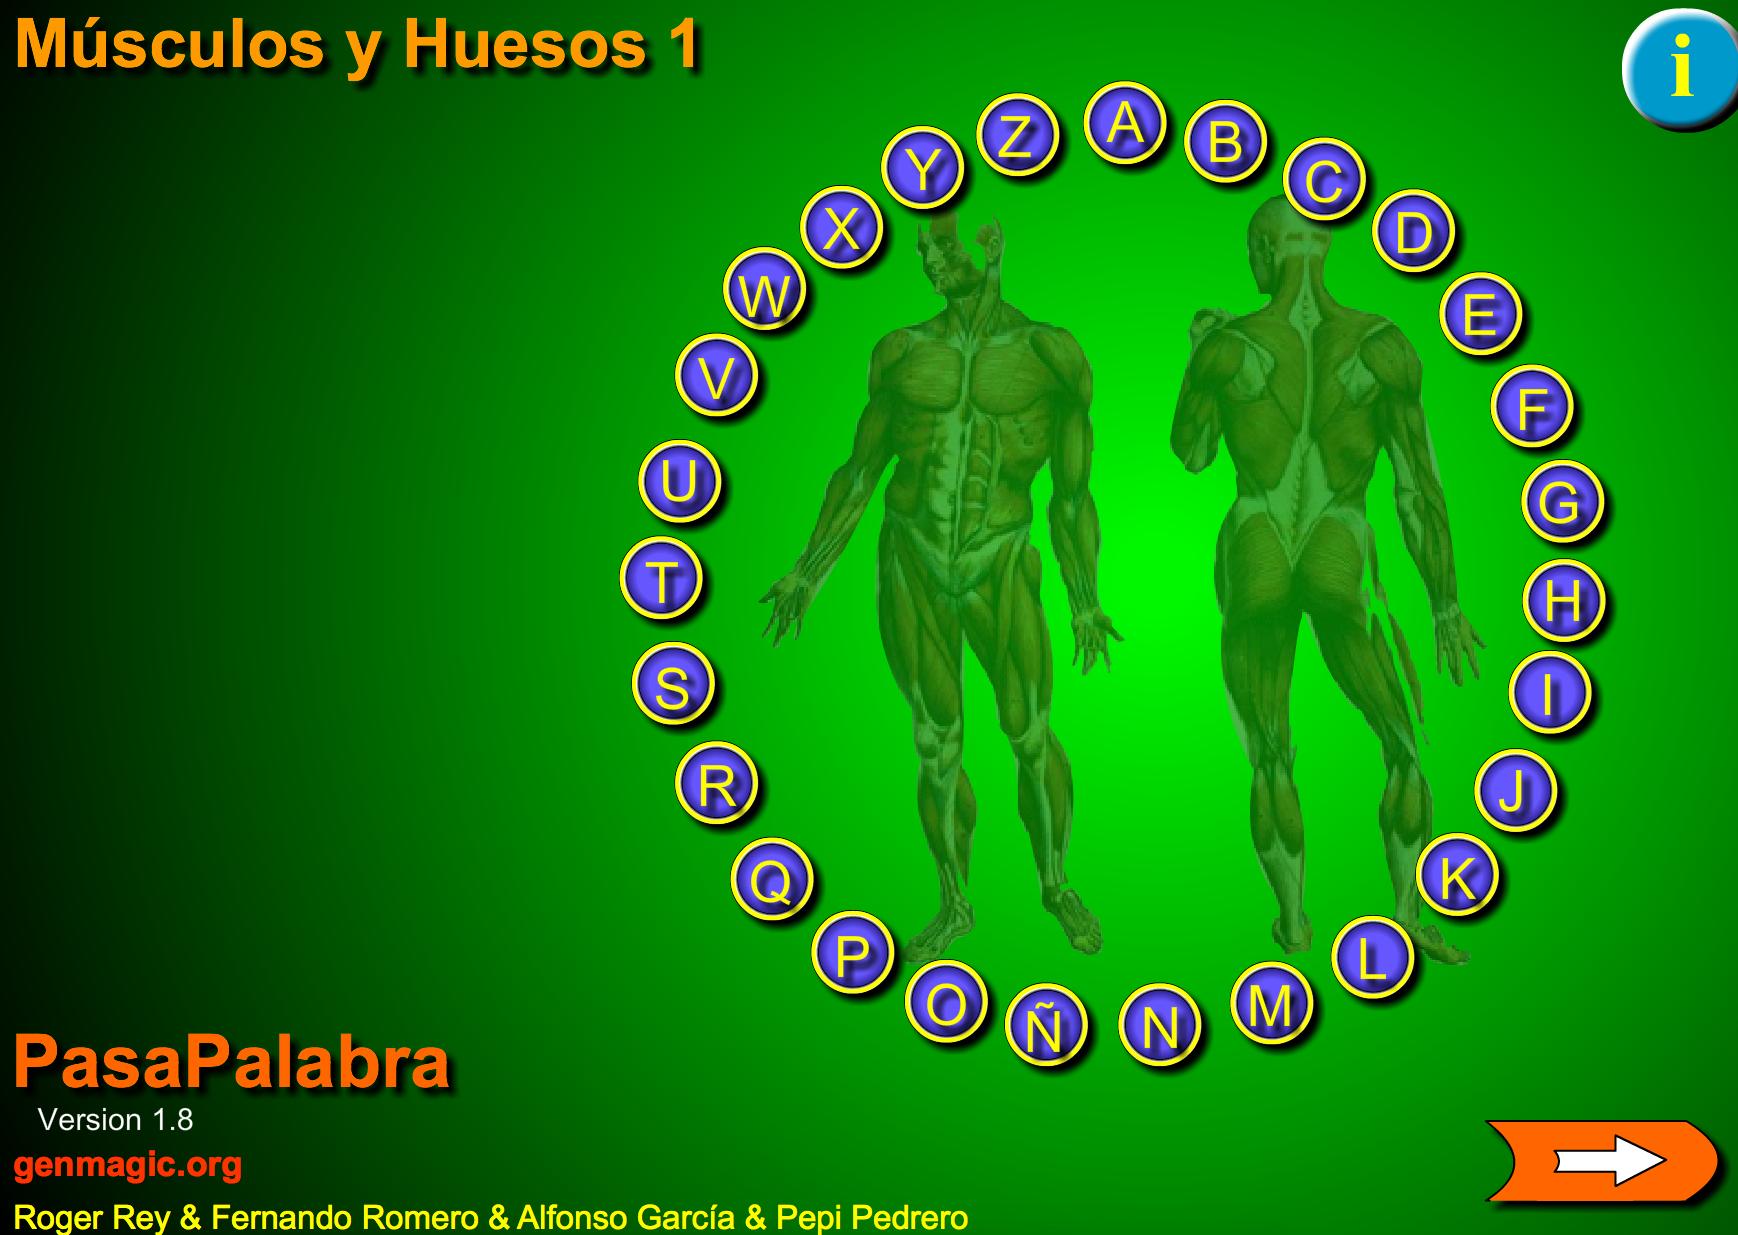 juego pasapalabras músculos y huesos » Recursos educativos digitales